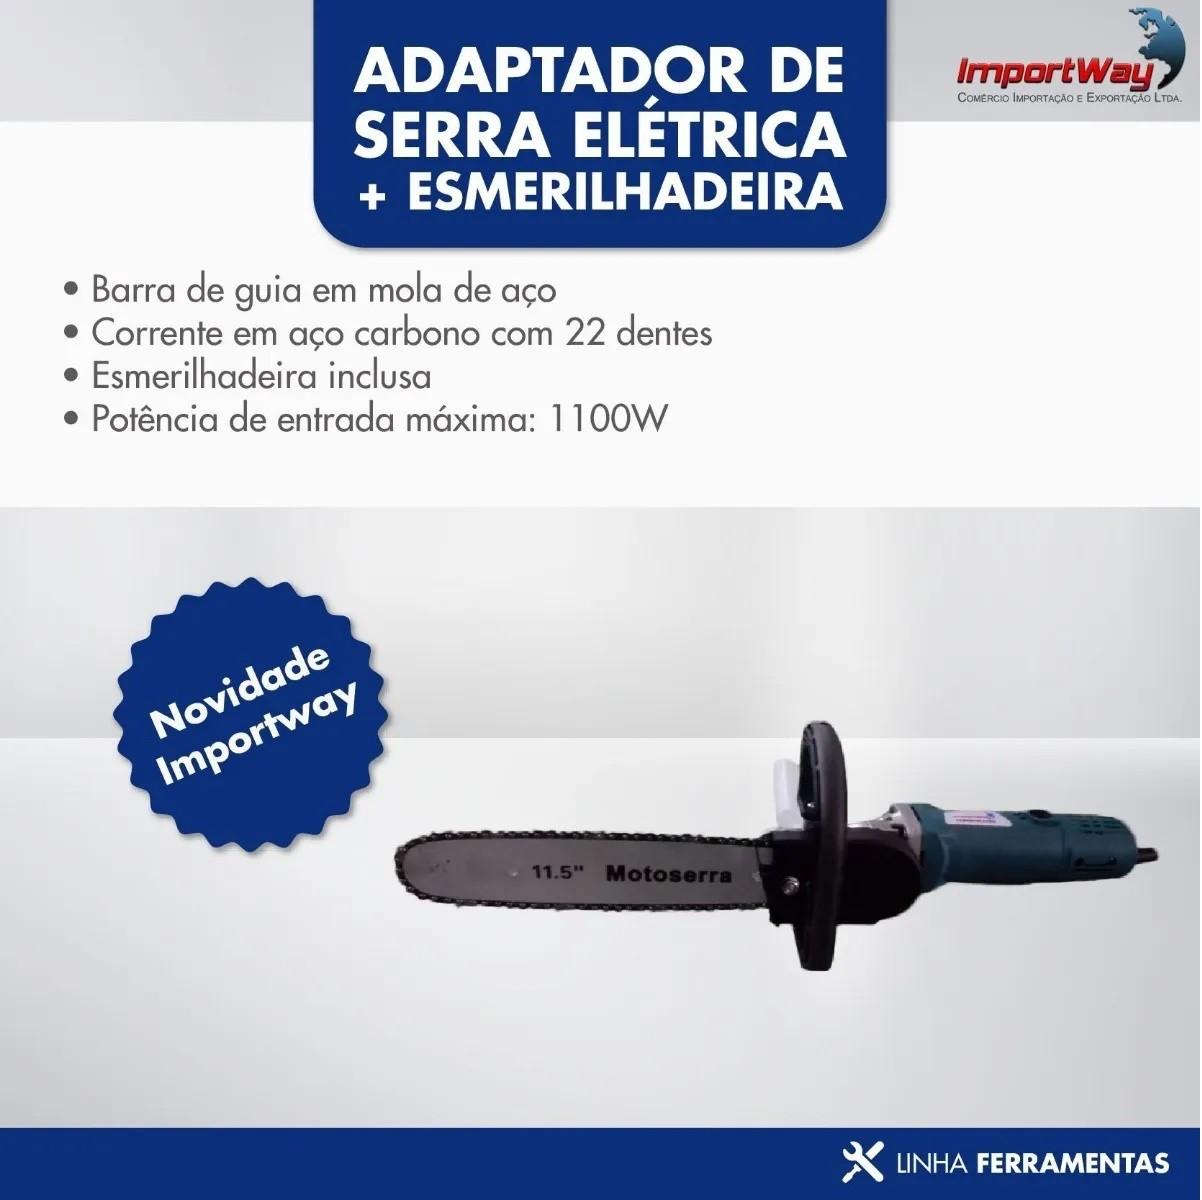 Adaptador De Serra Elétrica Moto Serra 110v + Esmerilhadeira - Importway